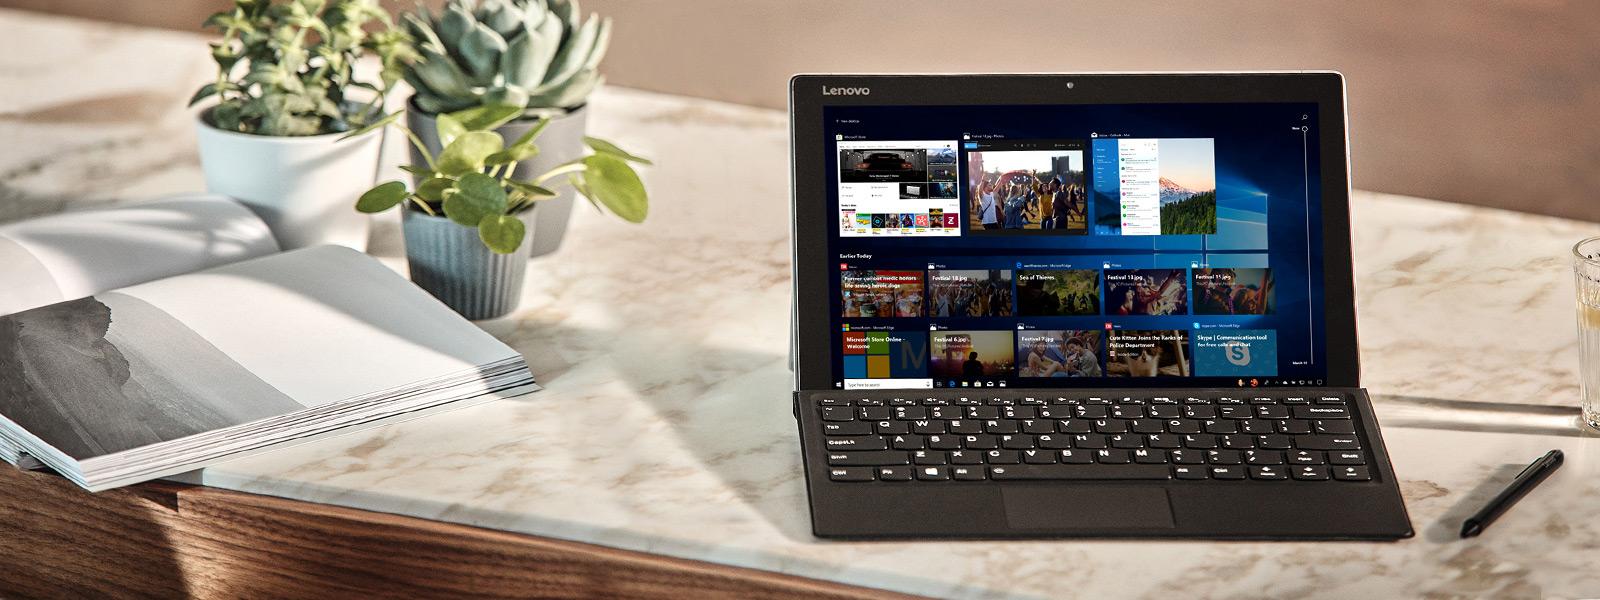 Экран компьютера, на котором демонстрируется обновление Windows 10 за апрель 2018 г.